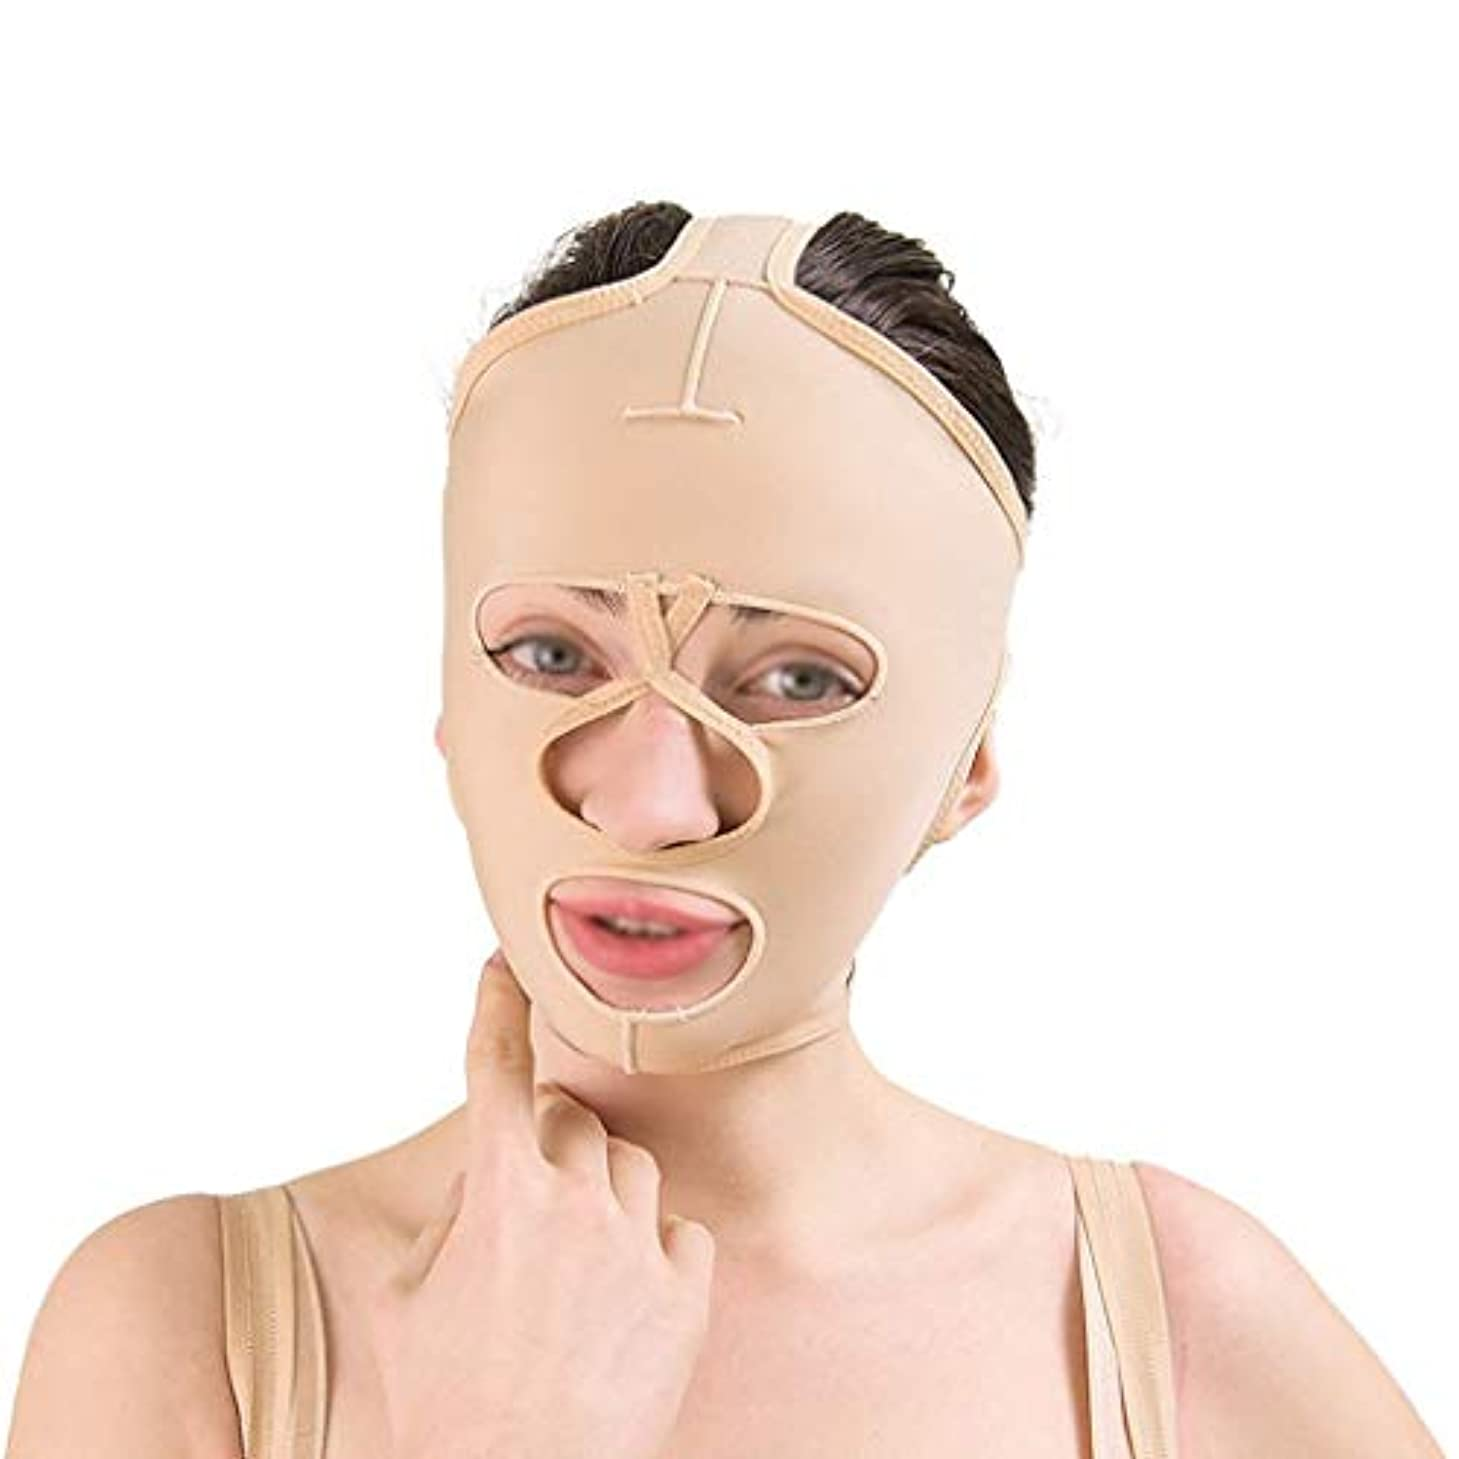 市町村暴君レンダーフェイシャルリフティングツール、フェイシャルビューティーリフティングマスク、通気性引き締めリフティングフェイシャル包帯、フェイシャルタイトバンデージ(サイズ:L),S